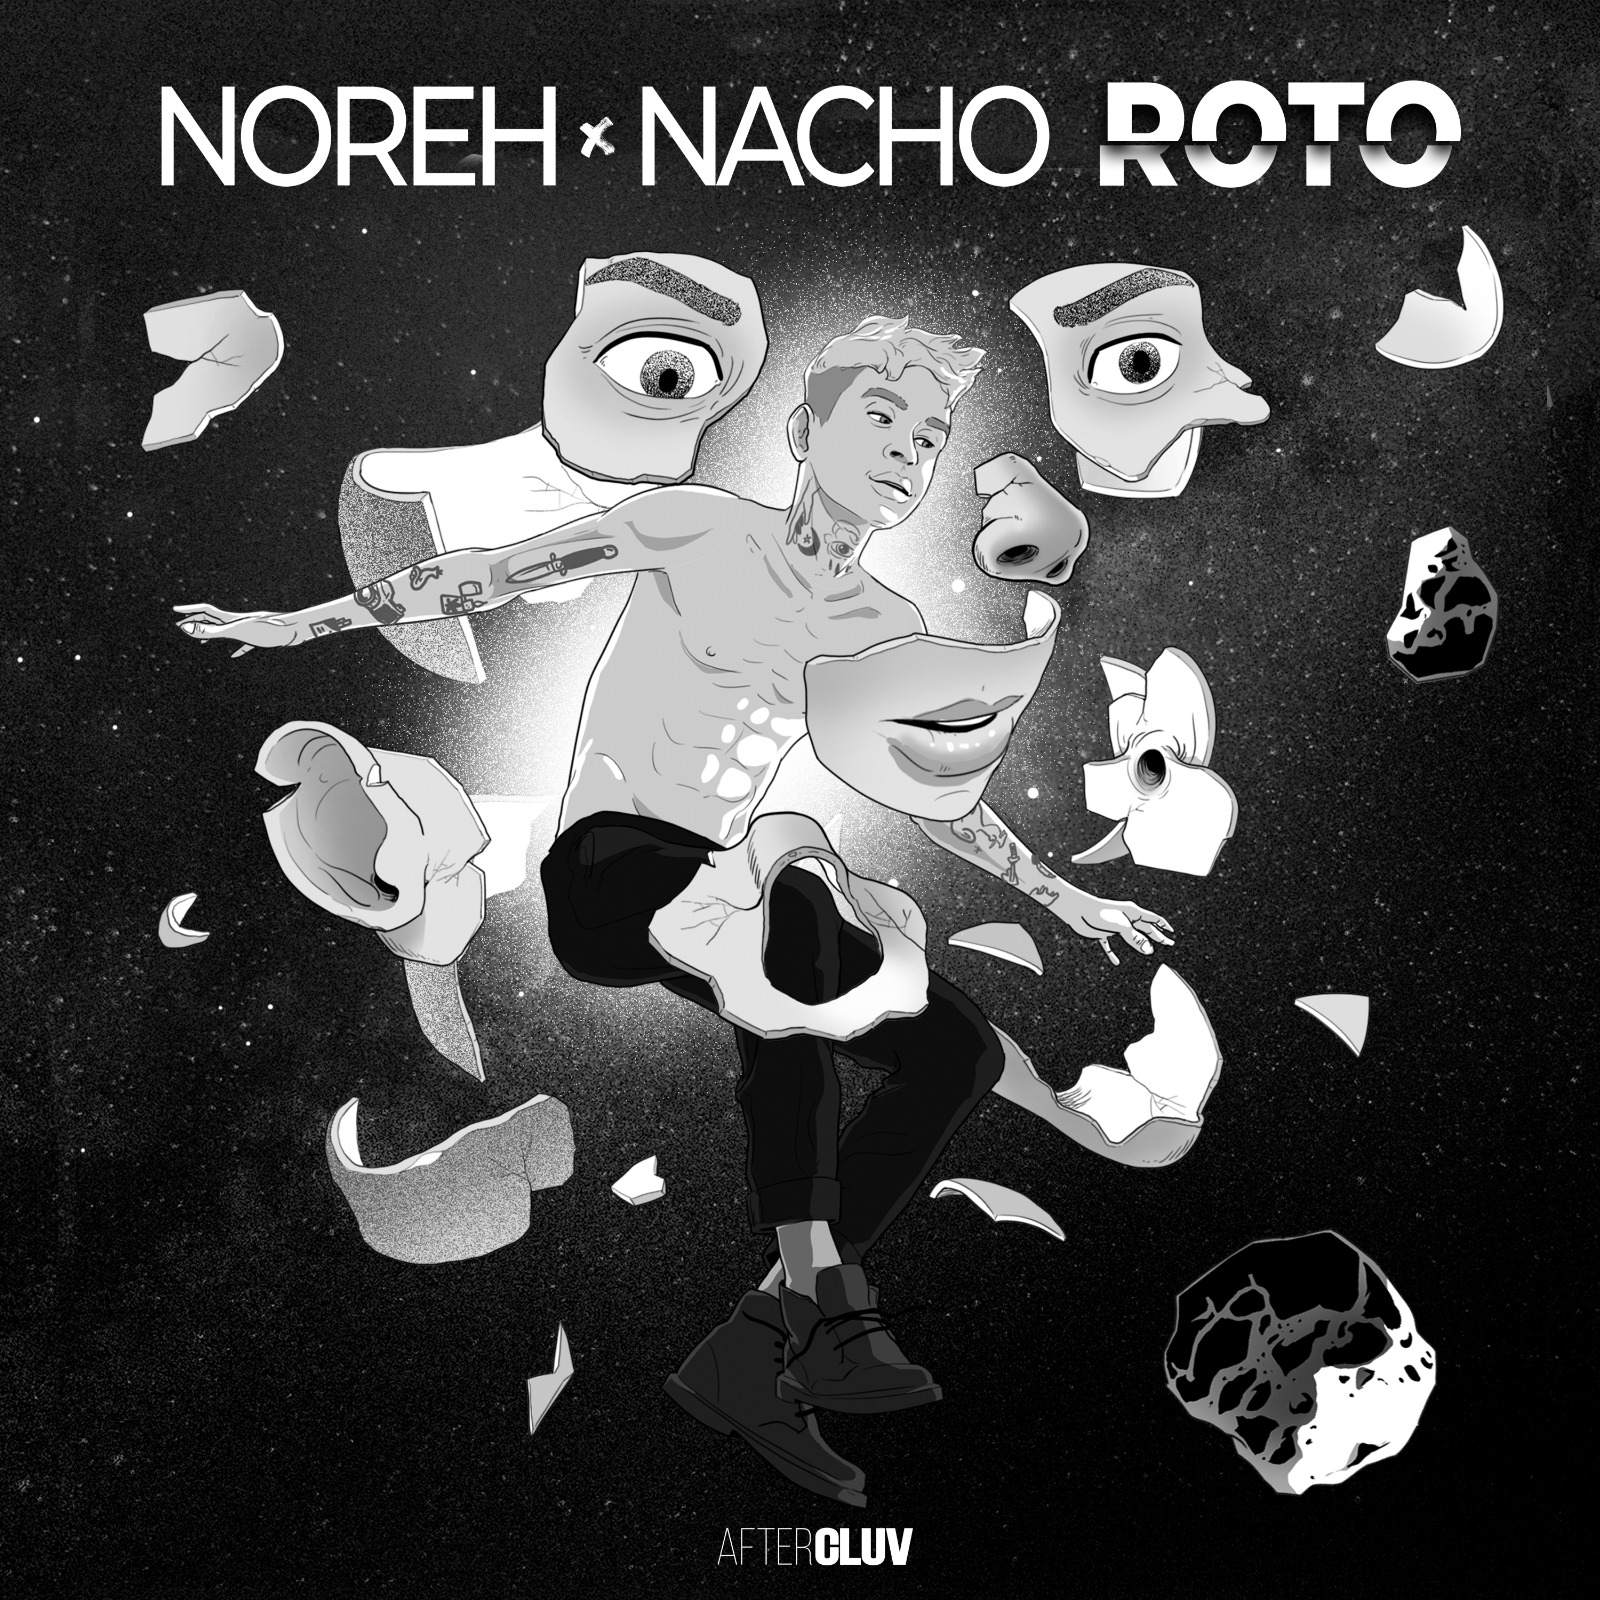 Roto-nacho